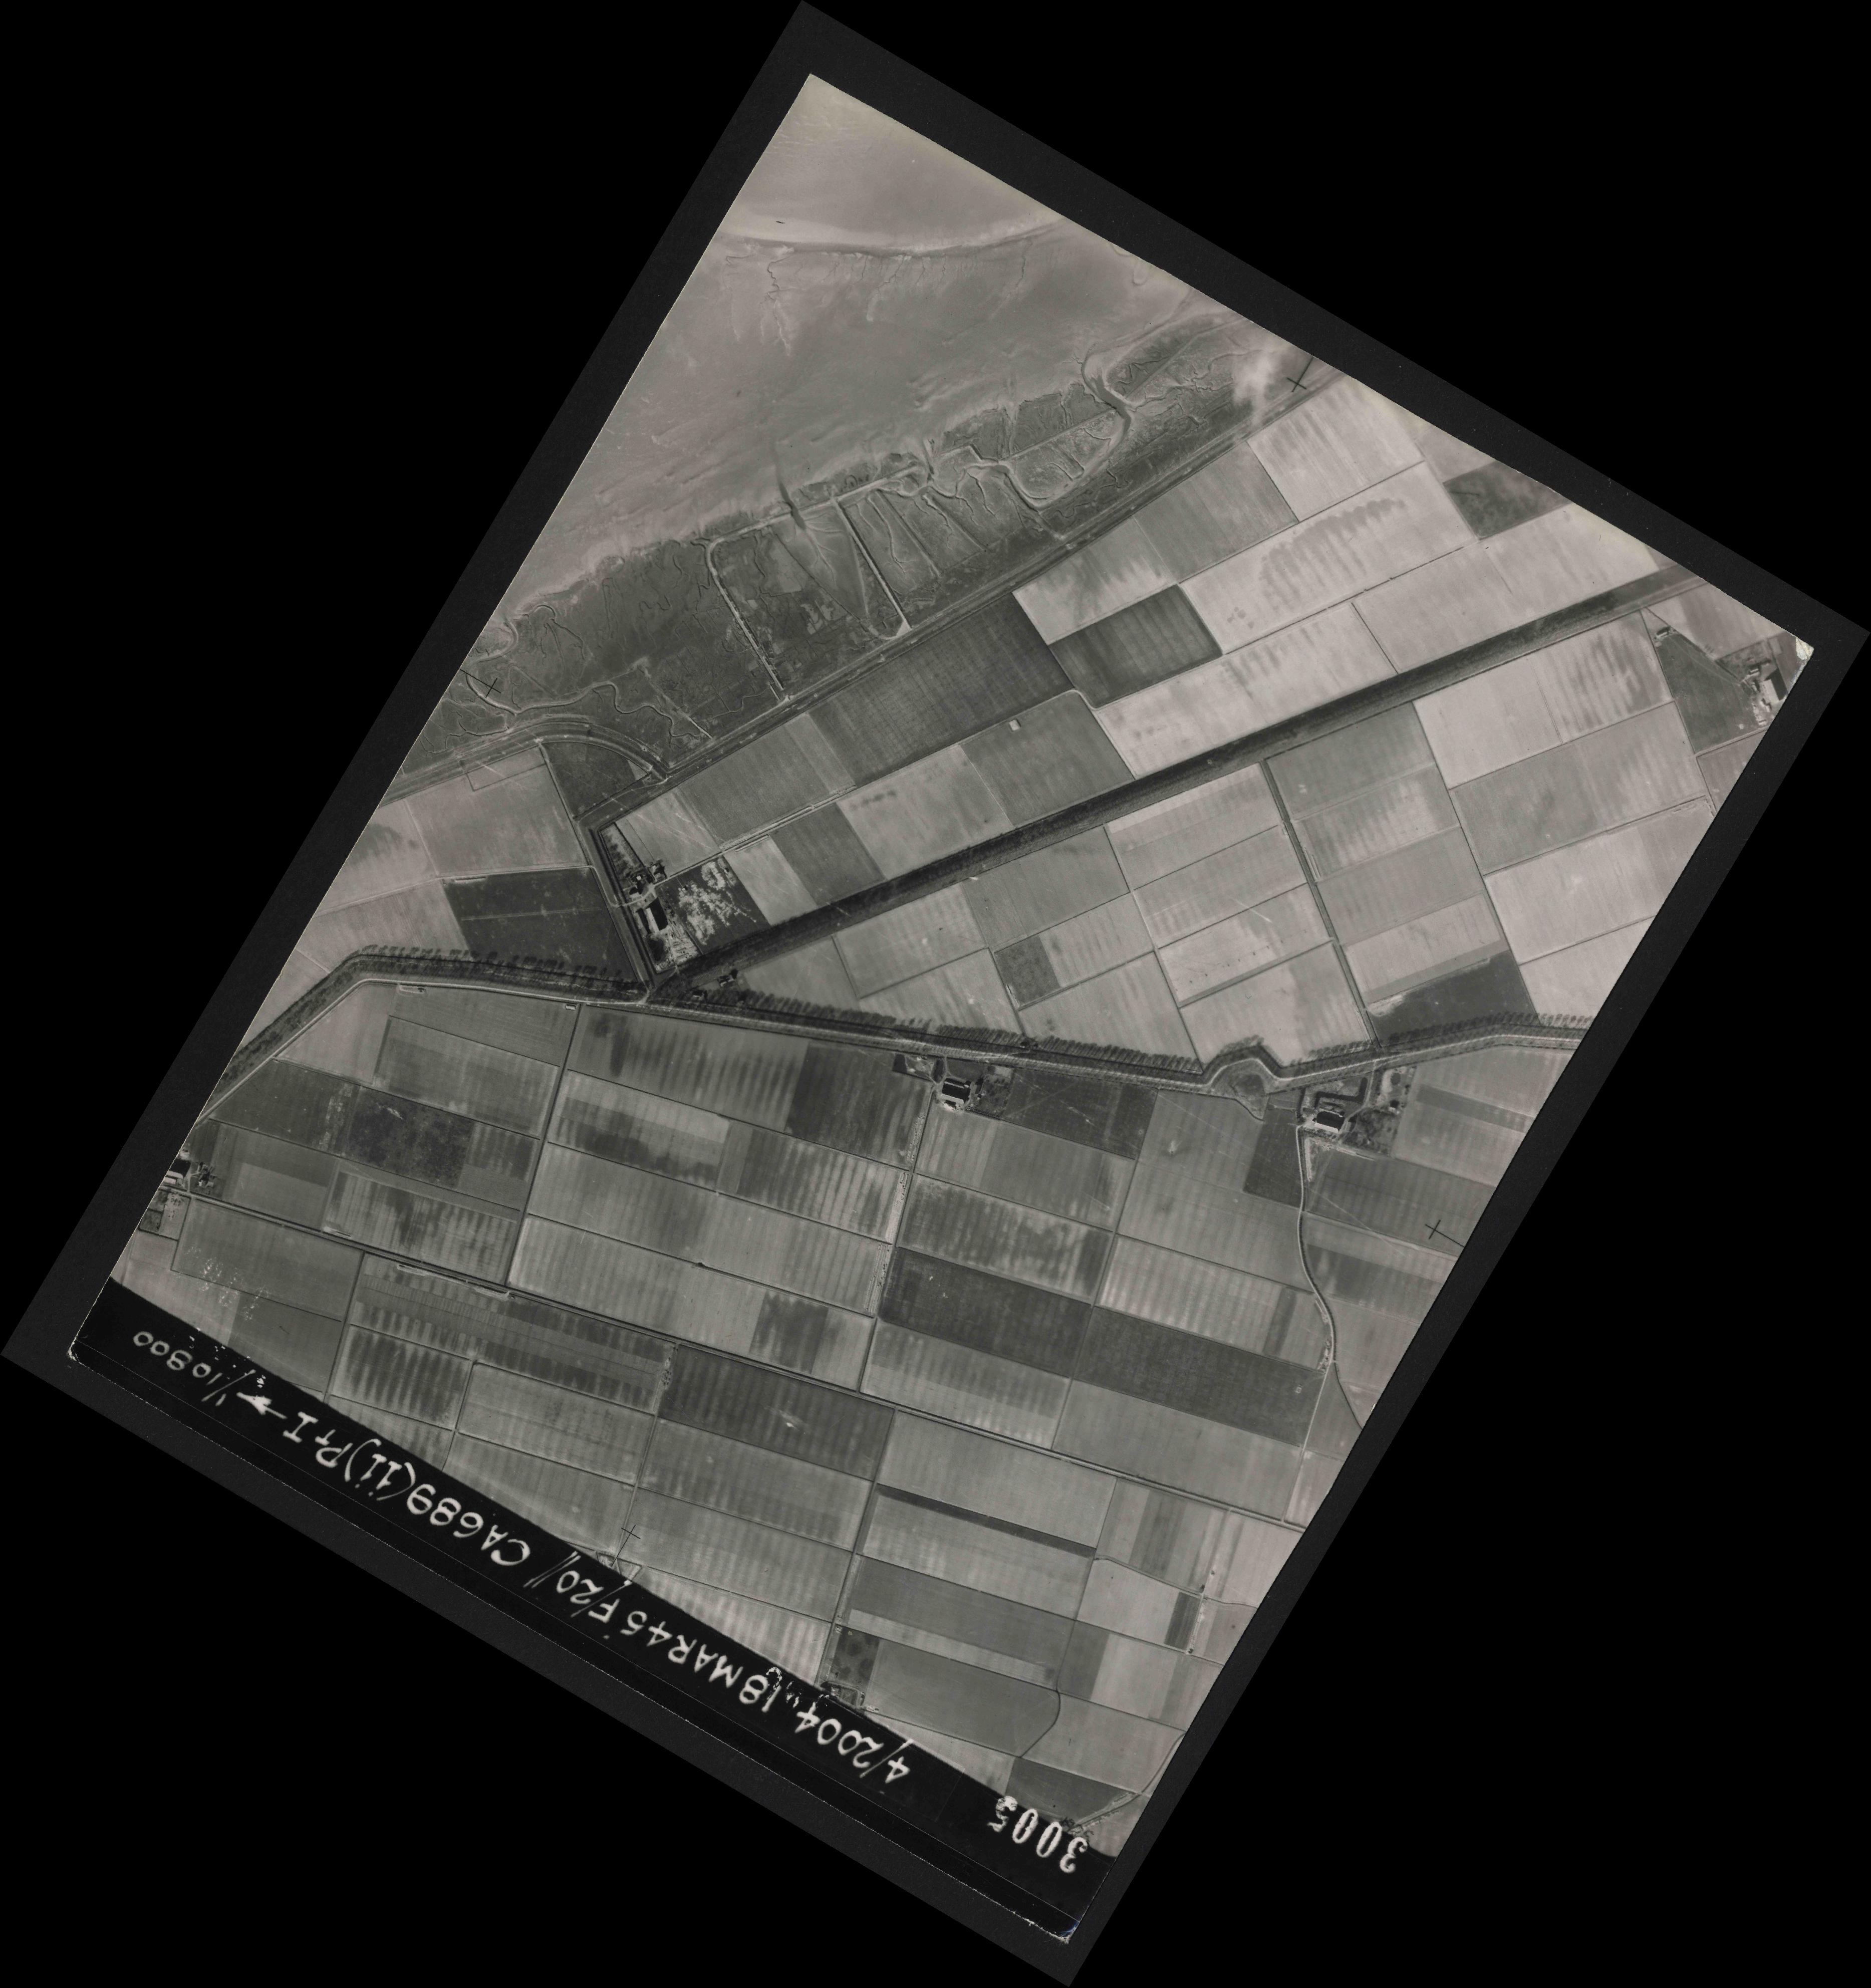 Collection RAF aerial photos 1940-1945 - flight 076, run 12, photo 3005